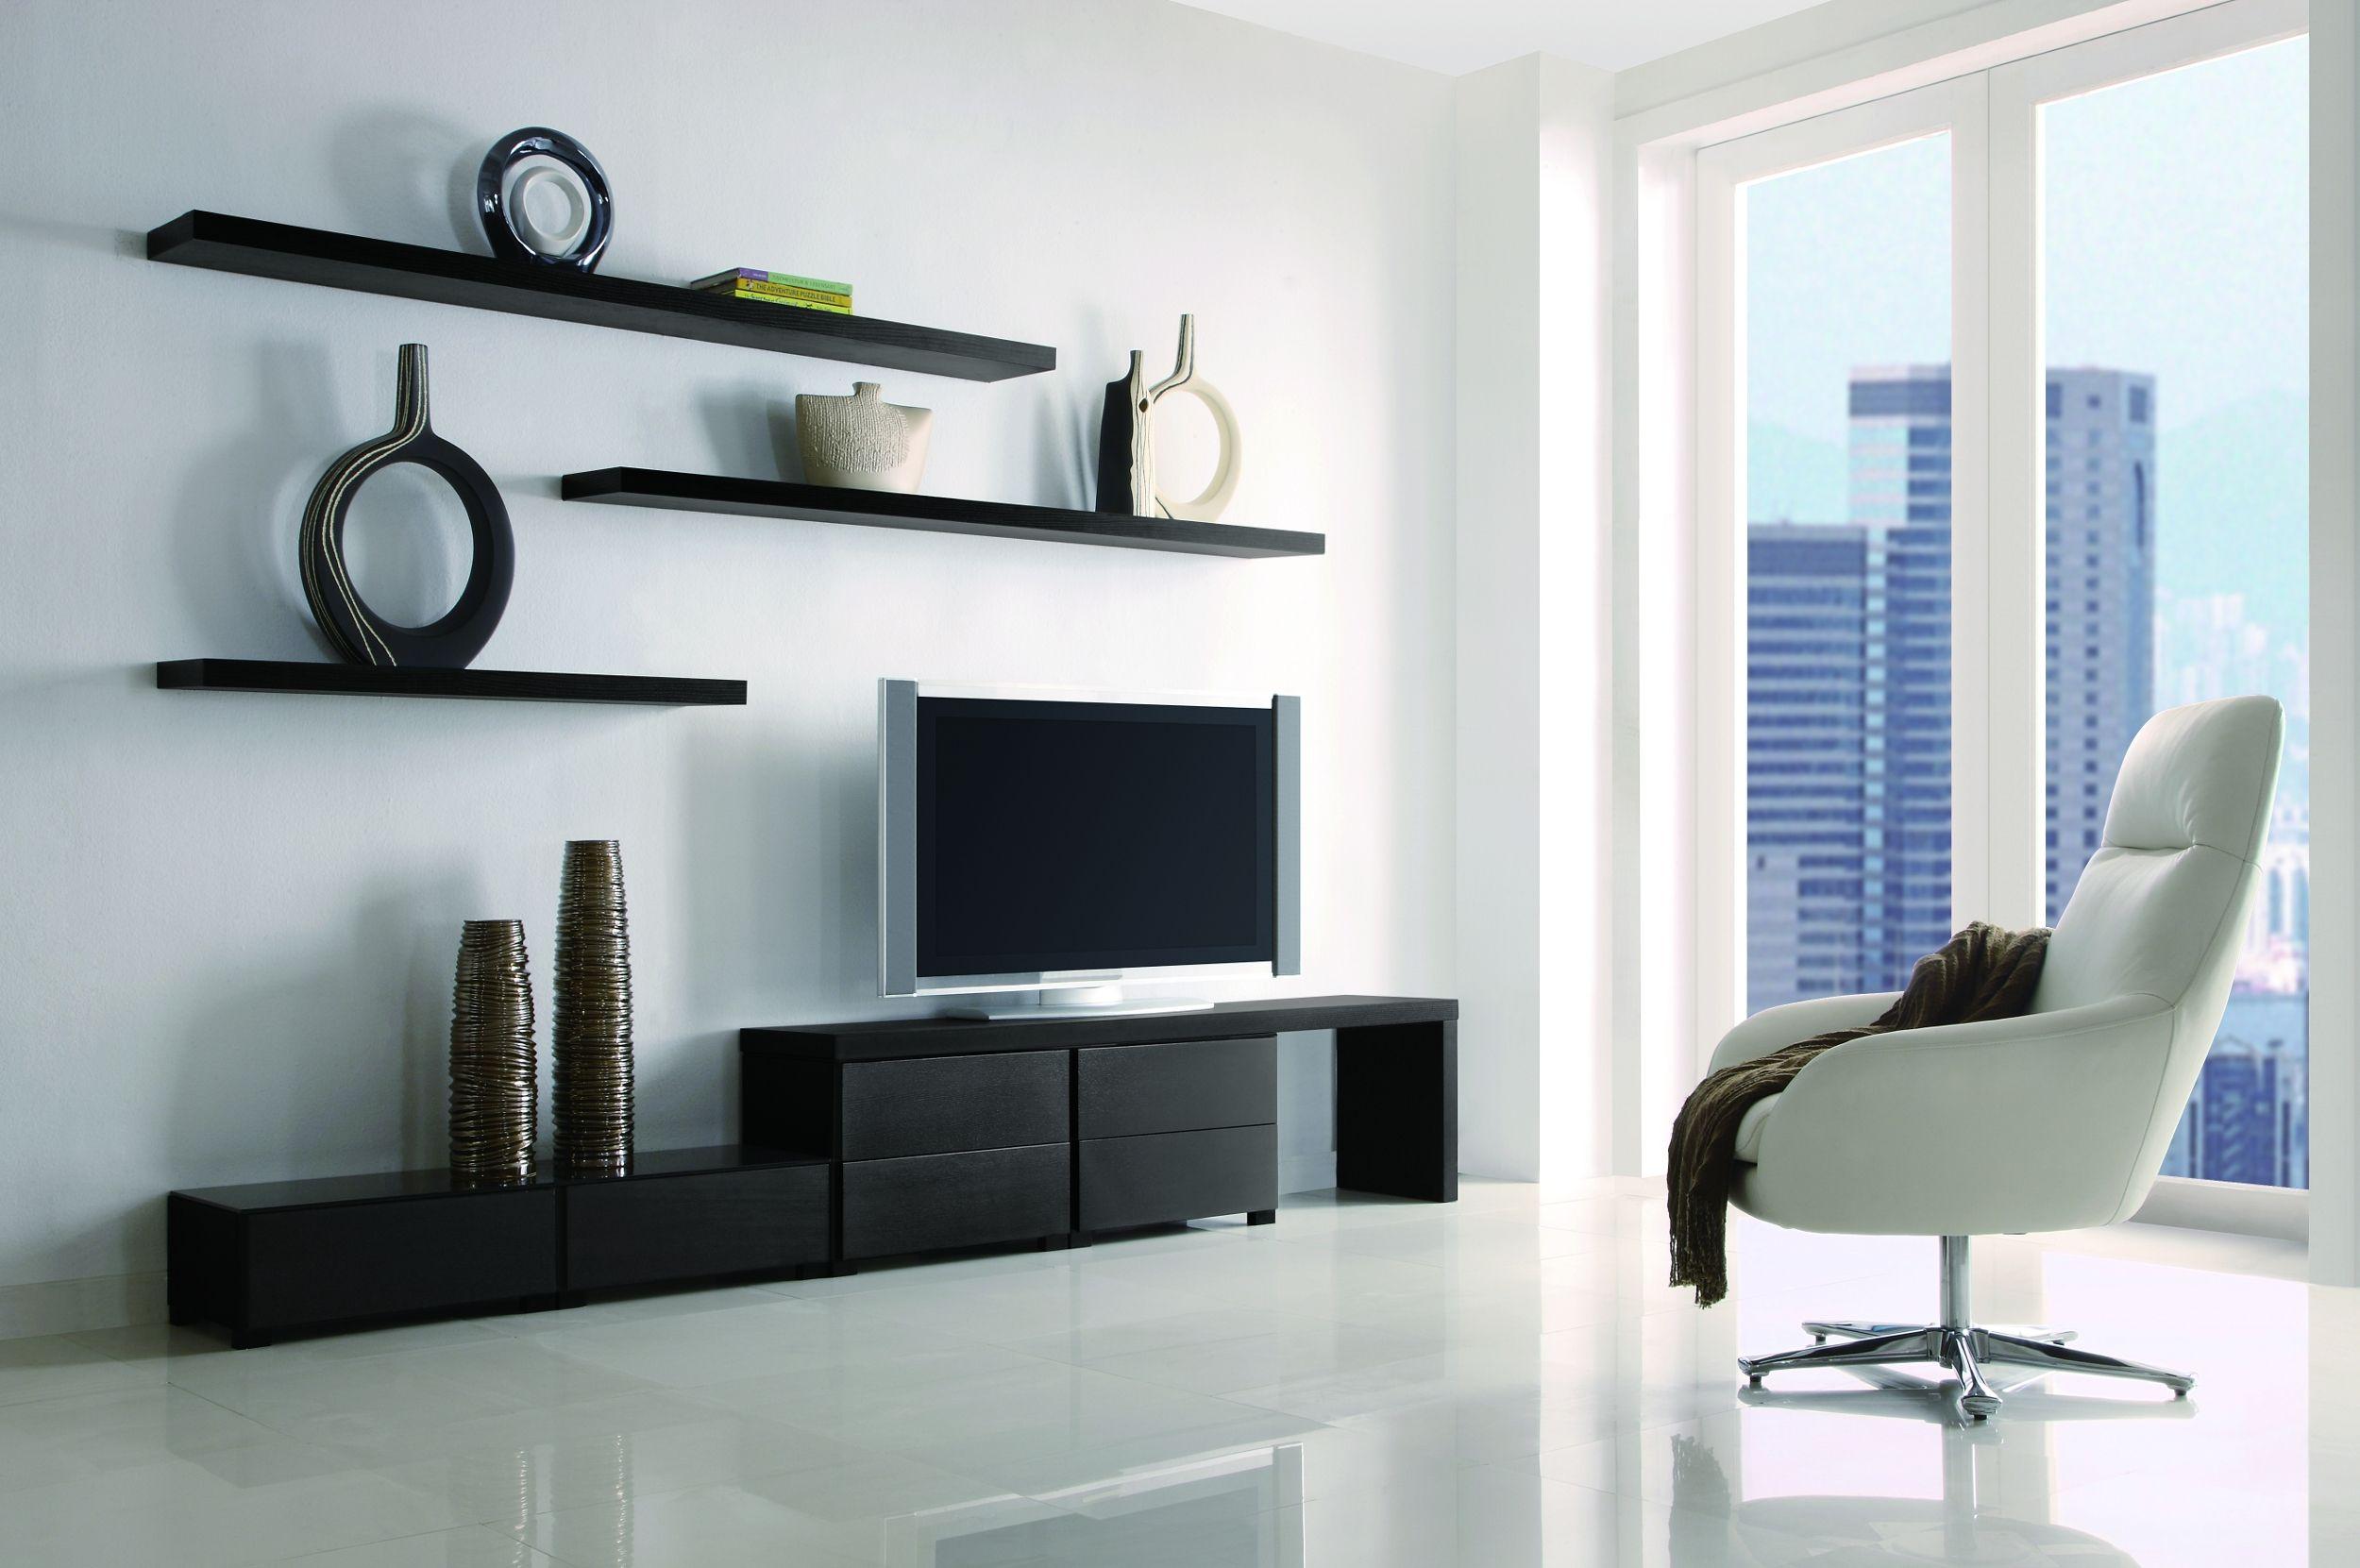 Module Tv Stand Creative Furniture Creative Furniture Modern